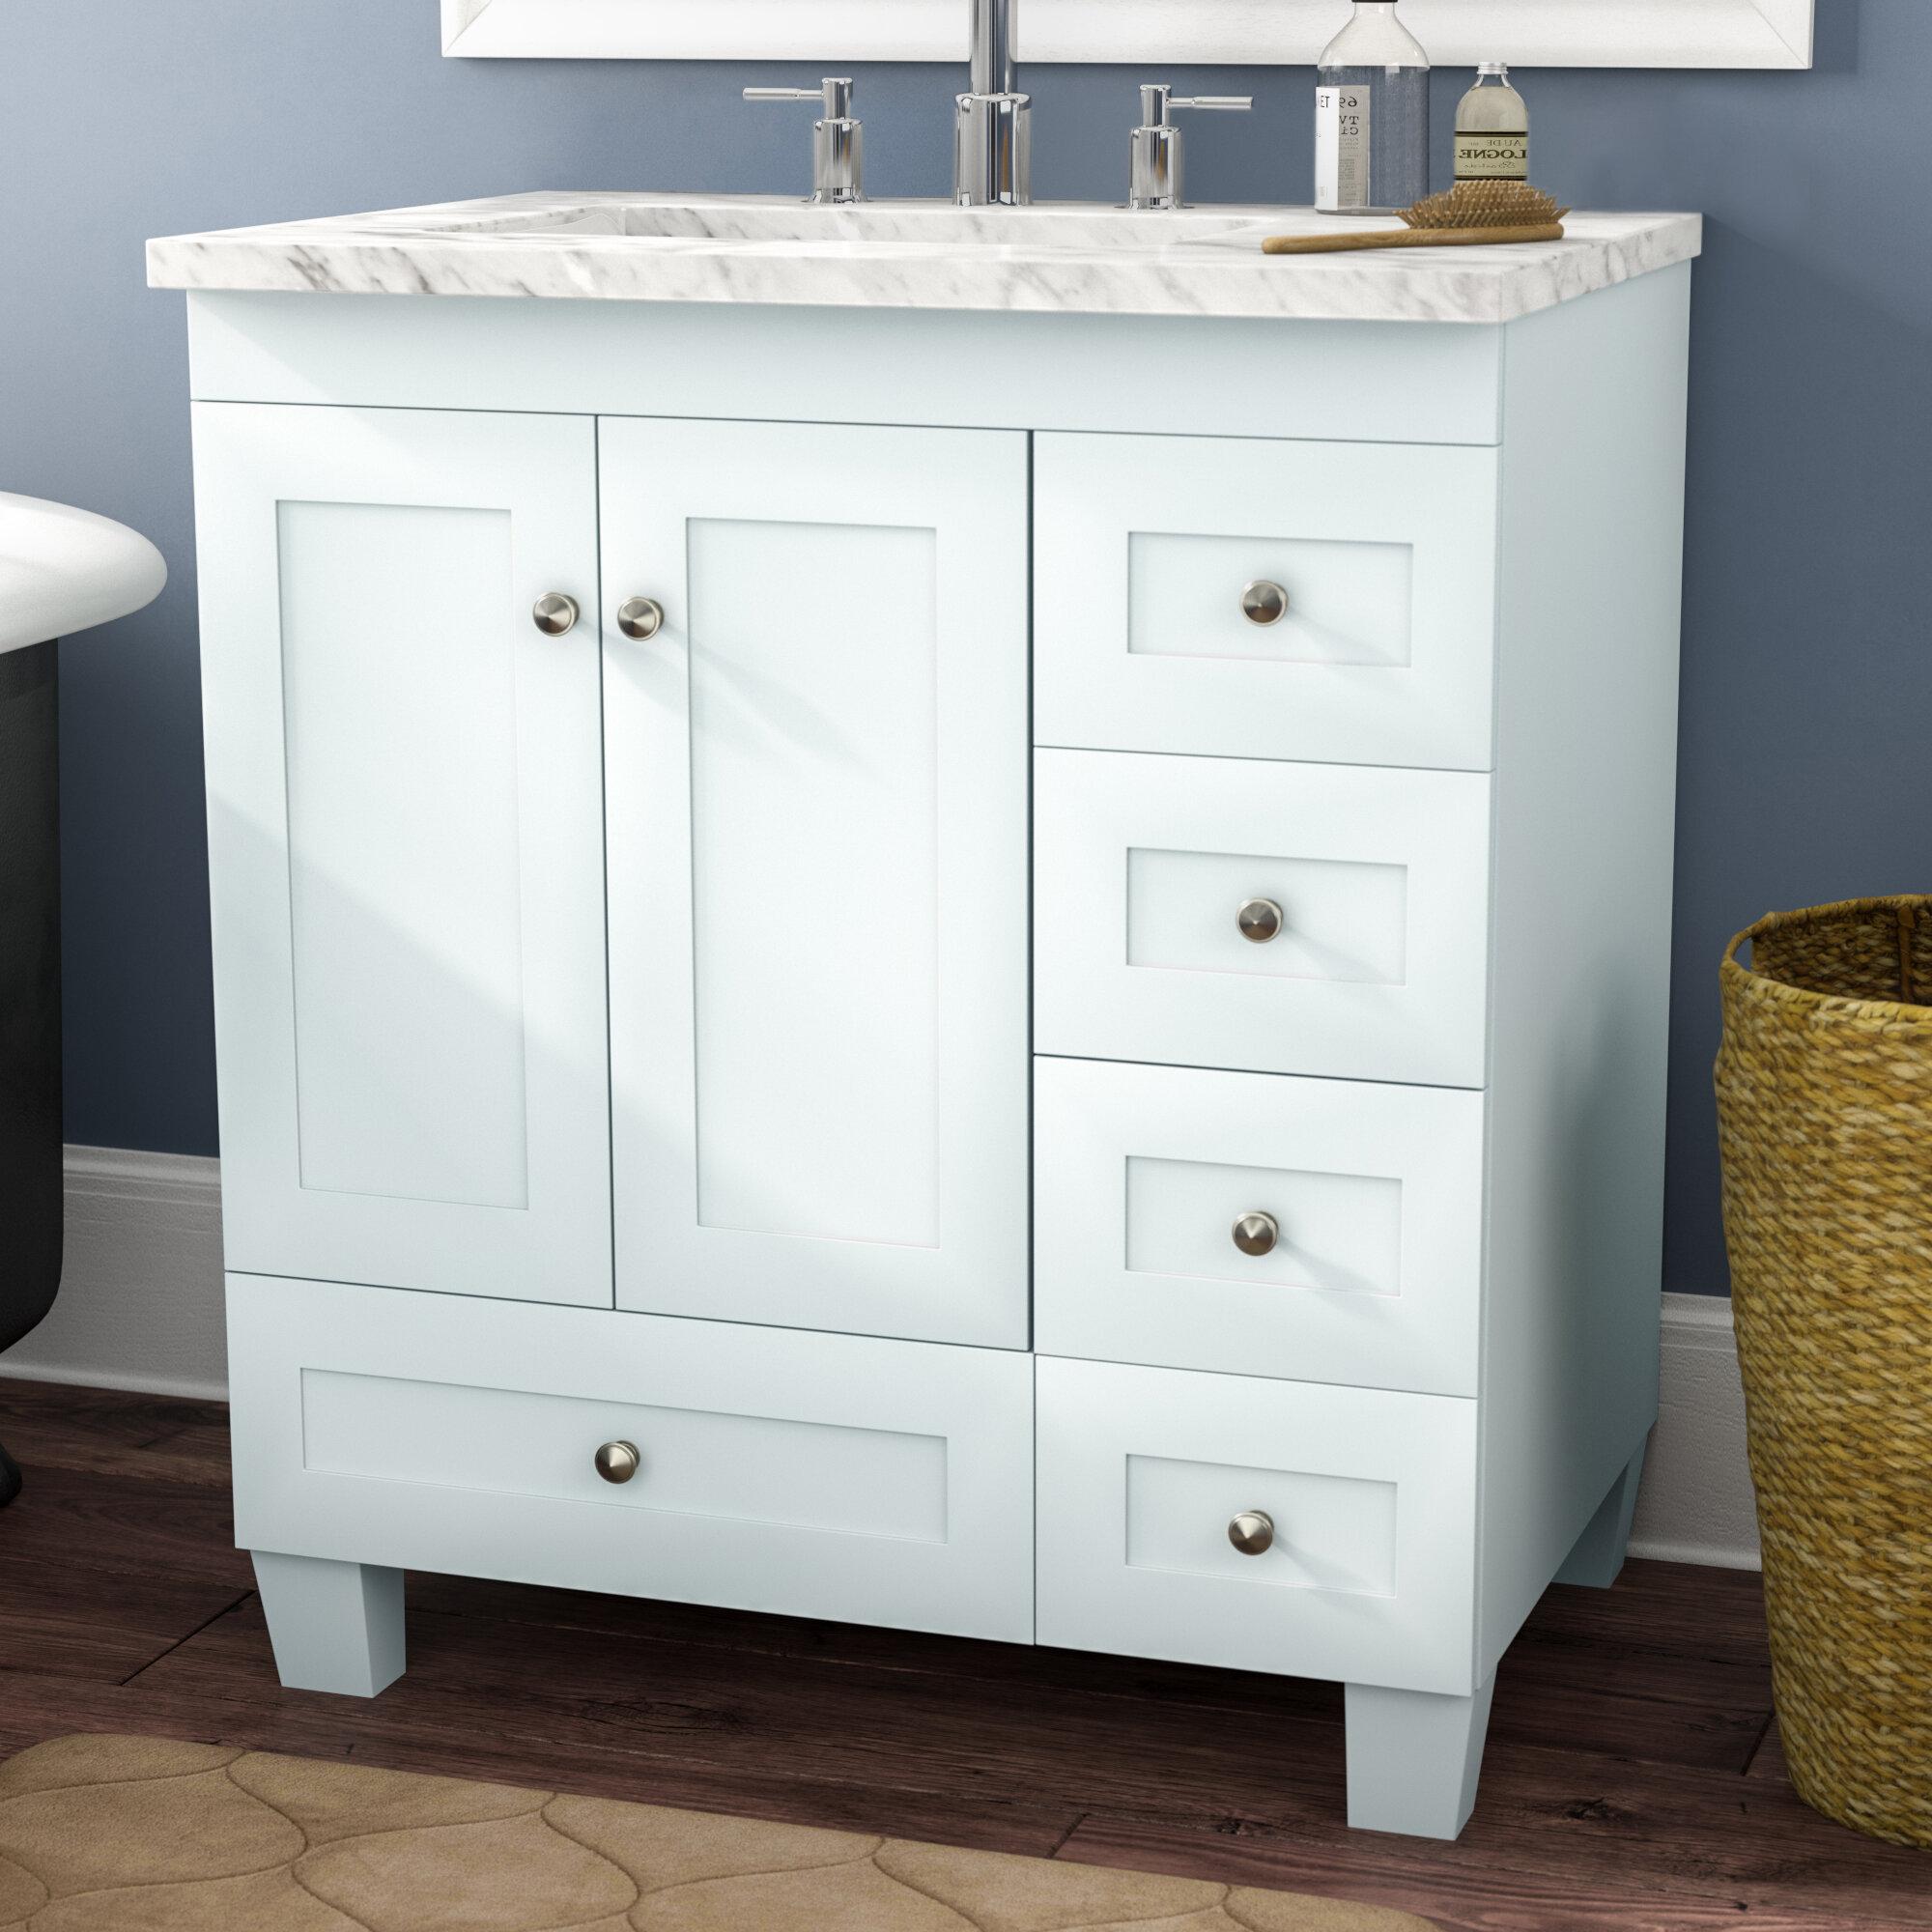 three posts lauder 31 single bathroom vanity reviews wayfair rh wayfair com 31 bathroom vanity white 31 bathroom vanity with drawers